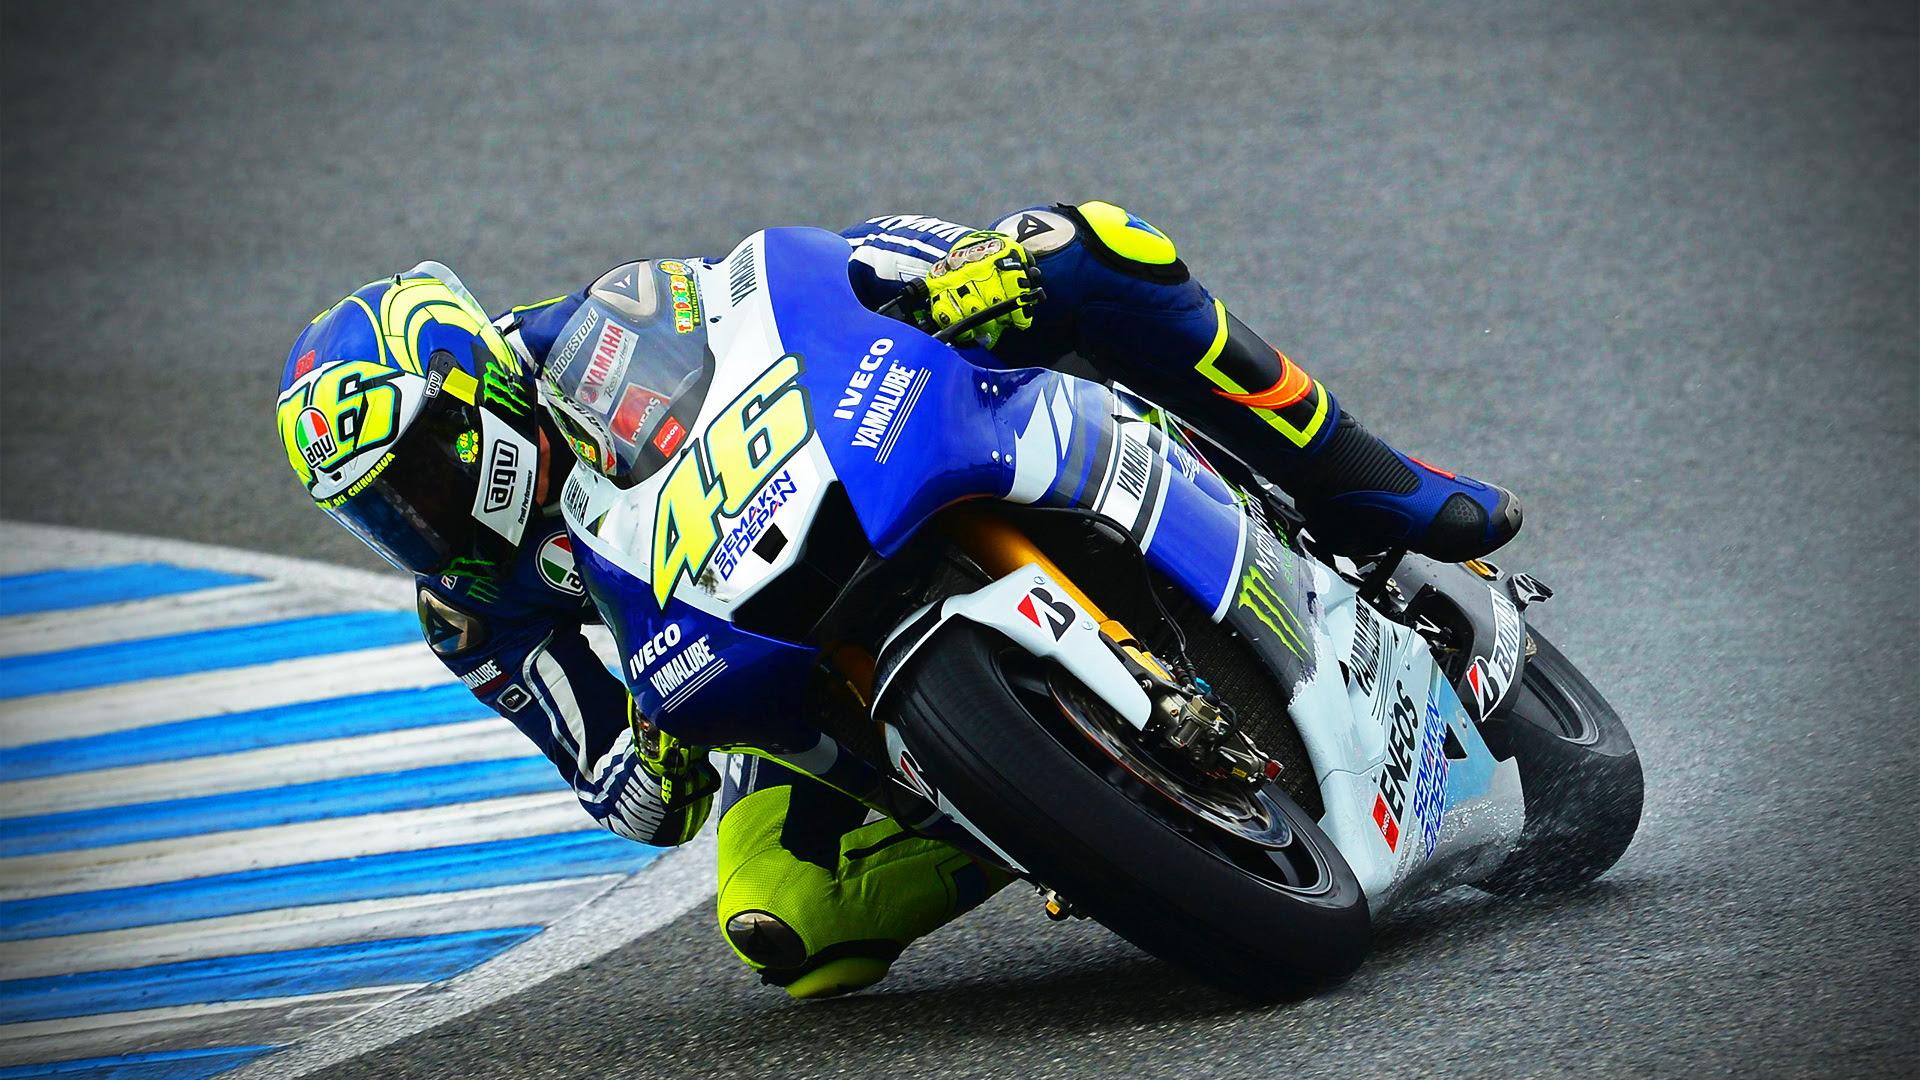 Valentino Rossi MotoGP 2013 Wallpaper HD  Wallpup.com